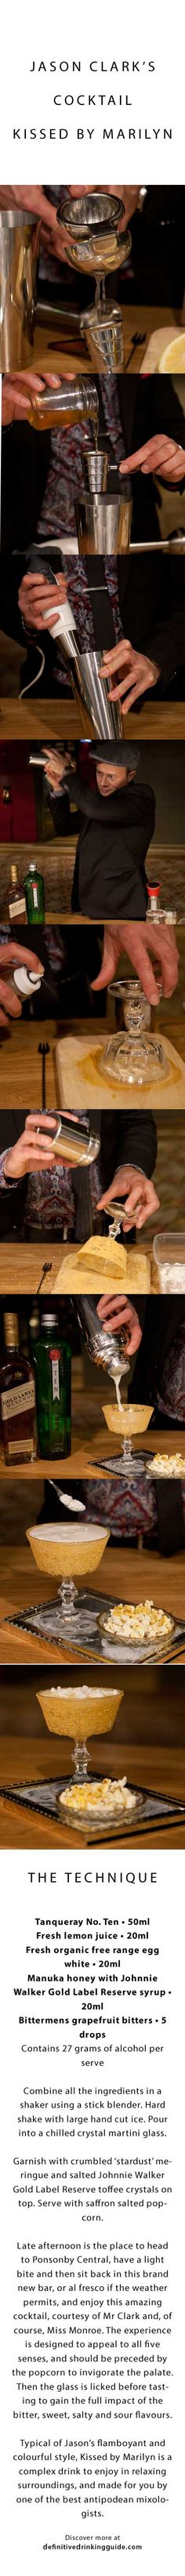 Please drink responsibly www.DRINKIQ.com